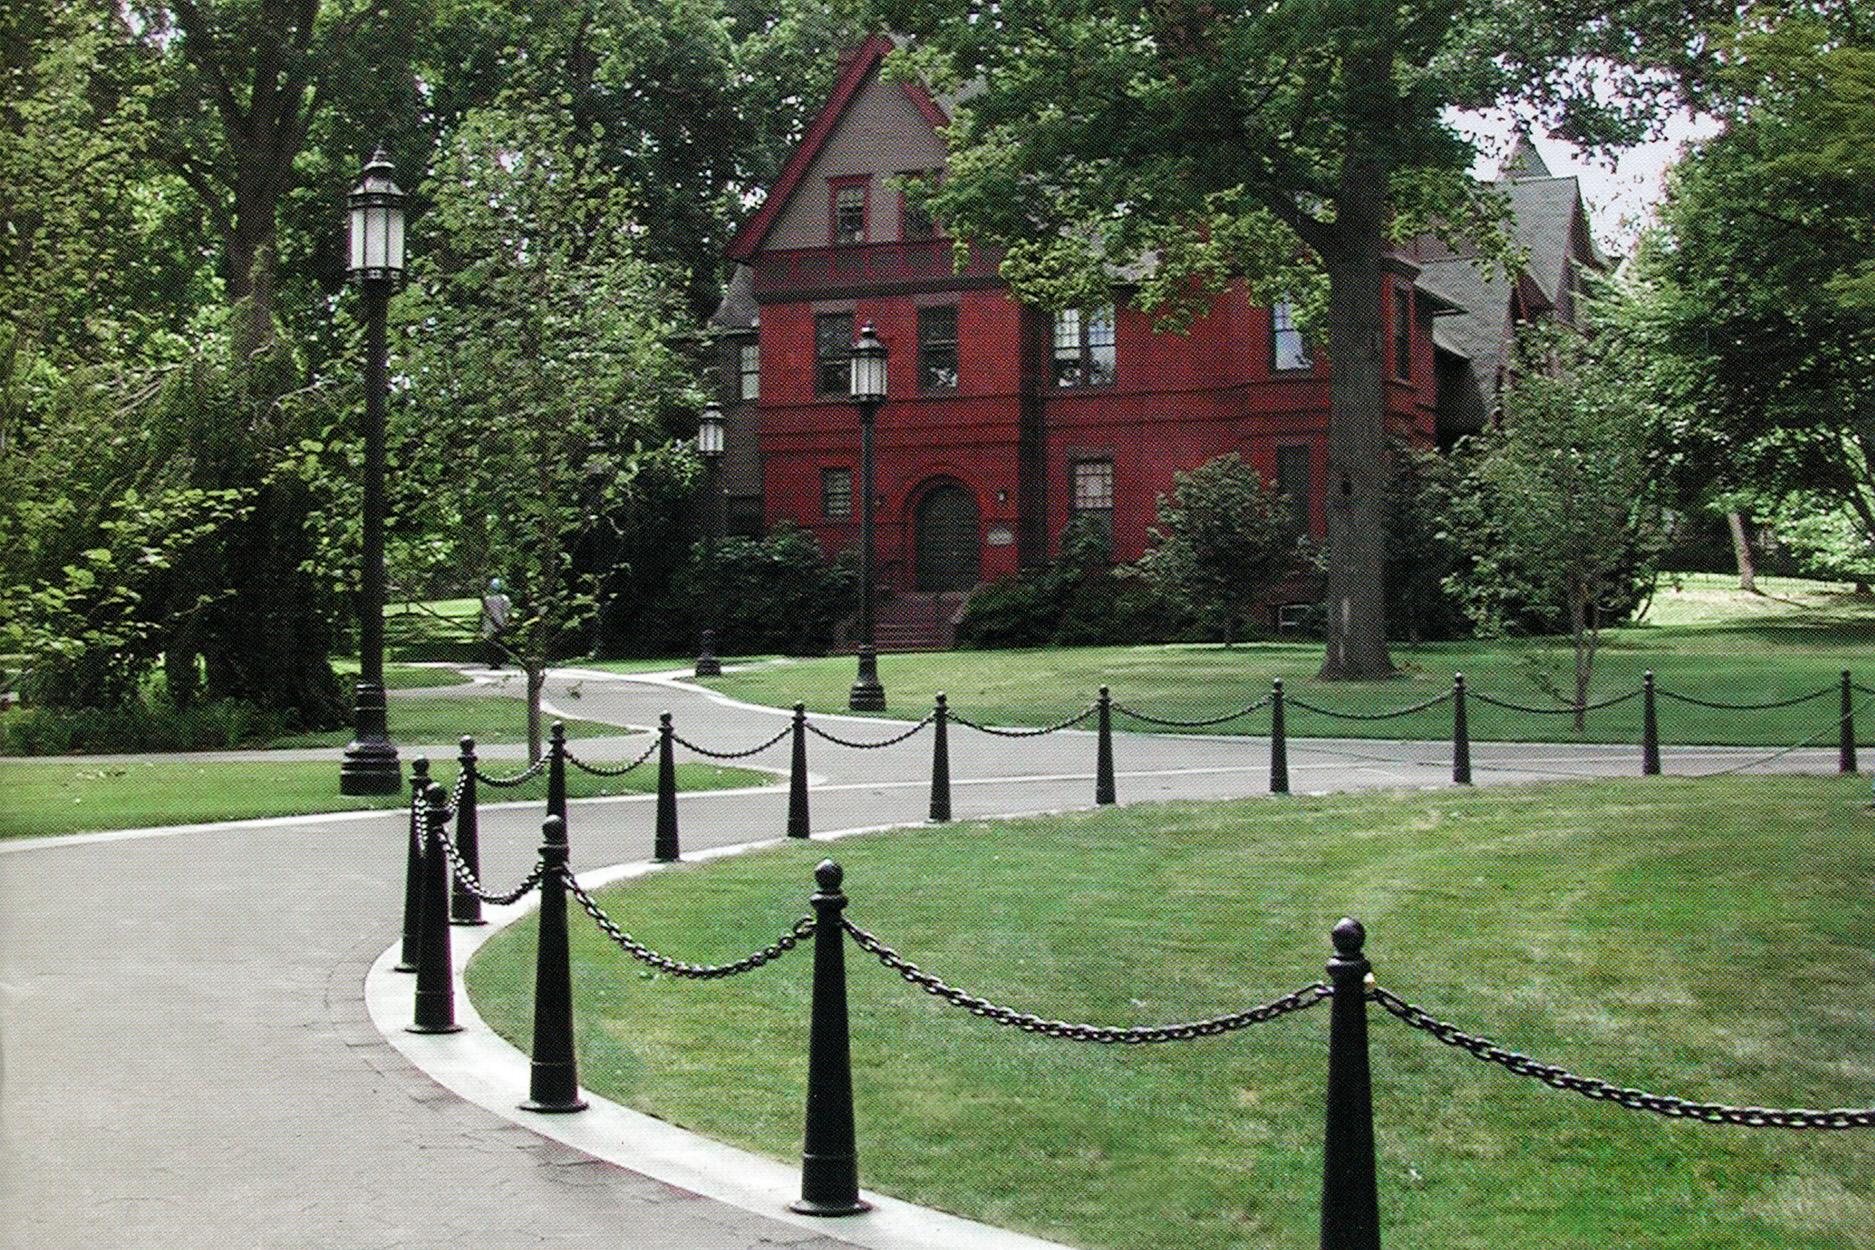 Trinity College landscape architecture